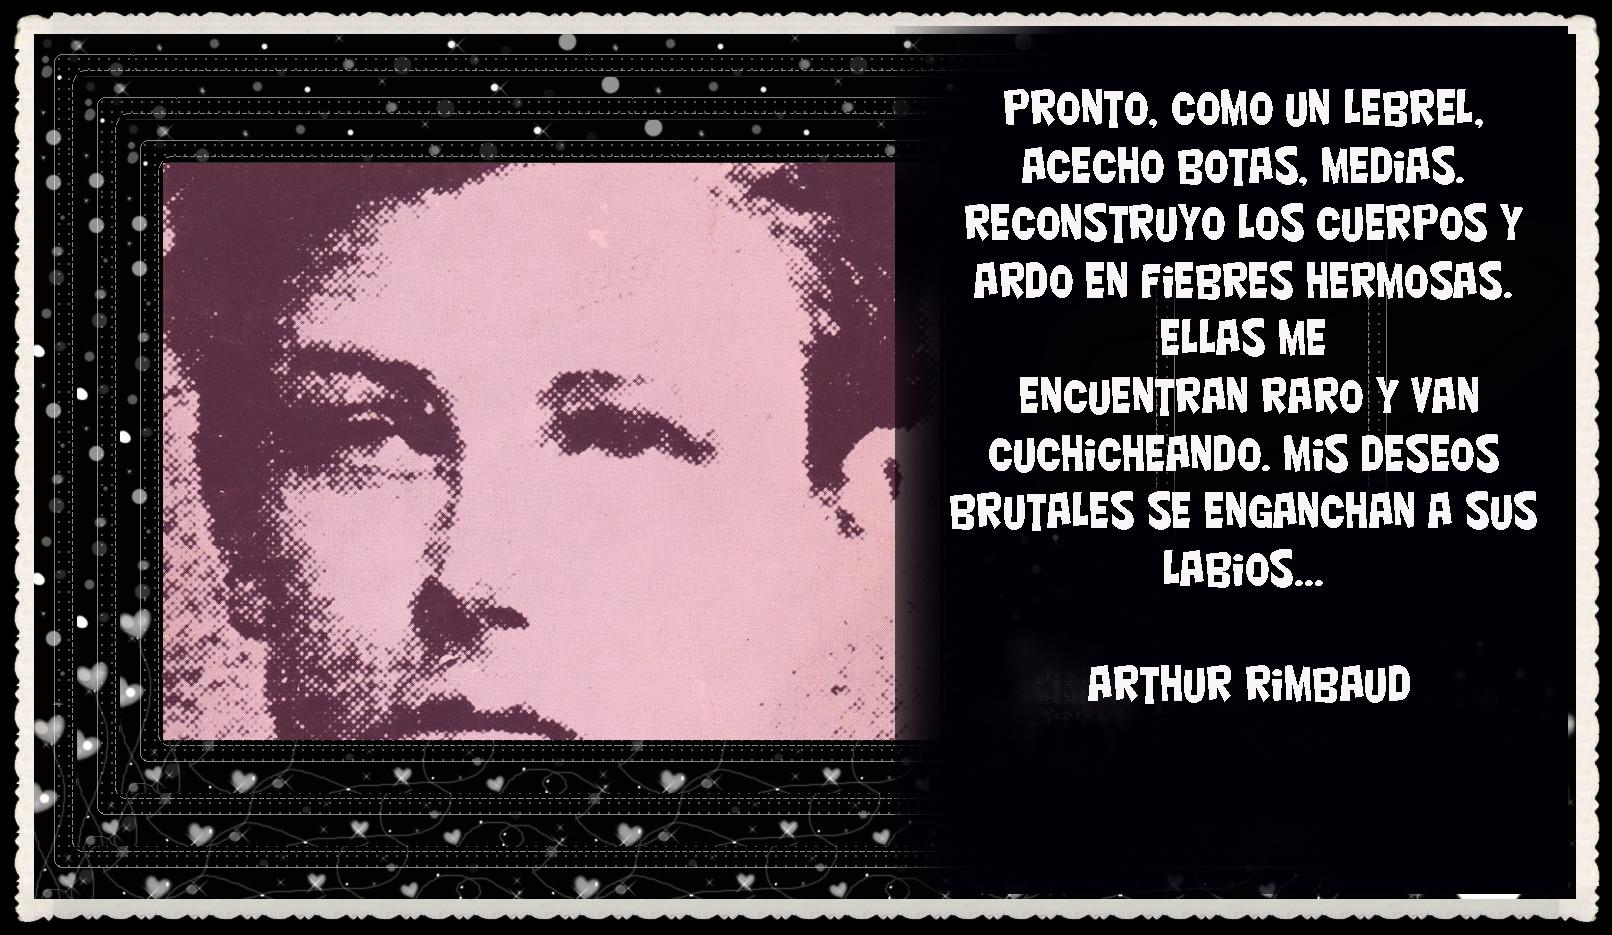 Frases Poemas Ilustrados Arthur Rimbaud Poeta Maldito